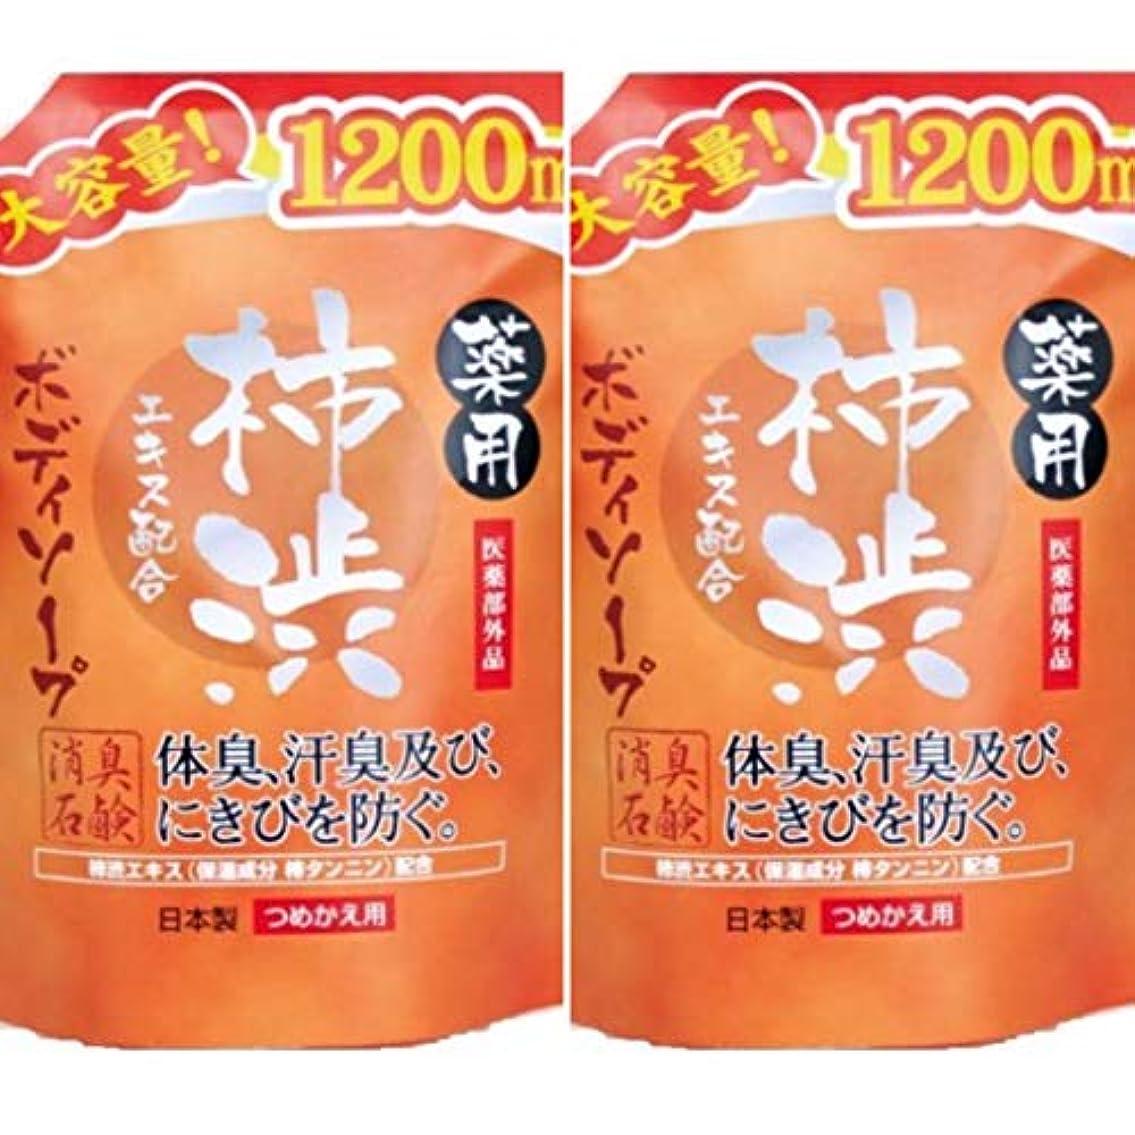 気がついて覚醒アジア人薬用柿渋 ボディソープ大容量 1200mL ×2セット